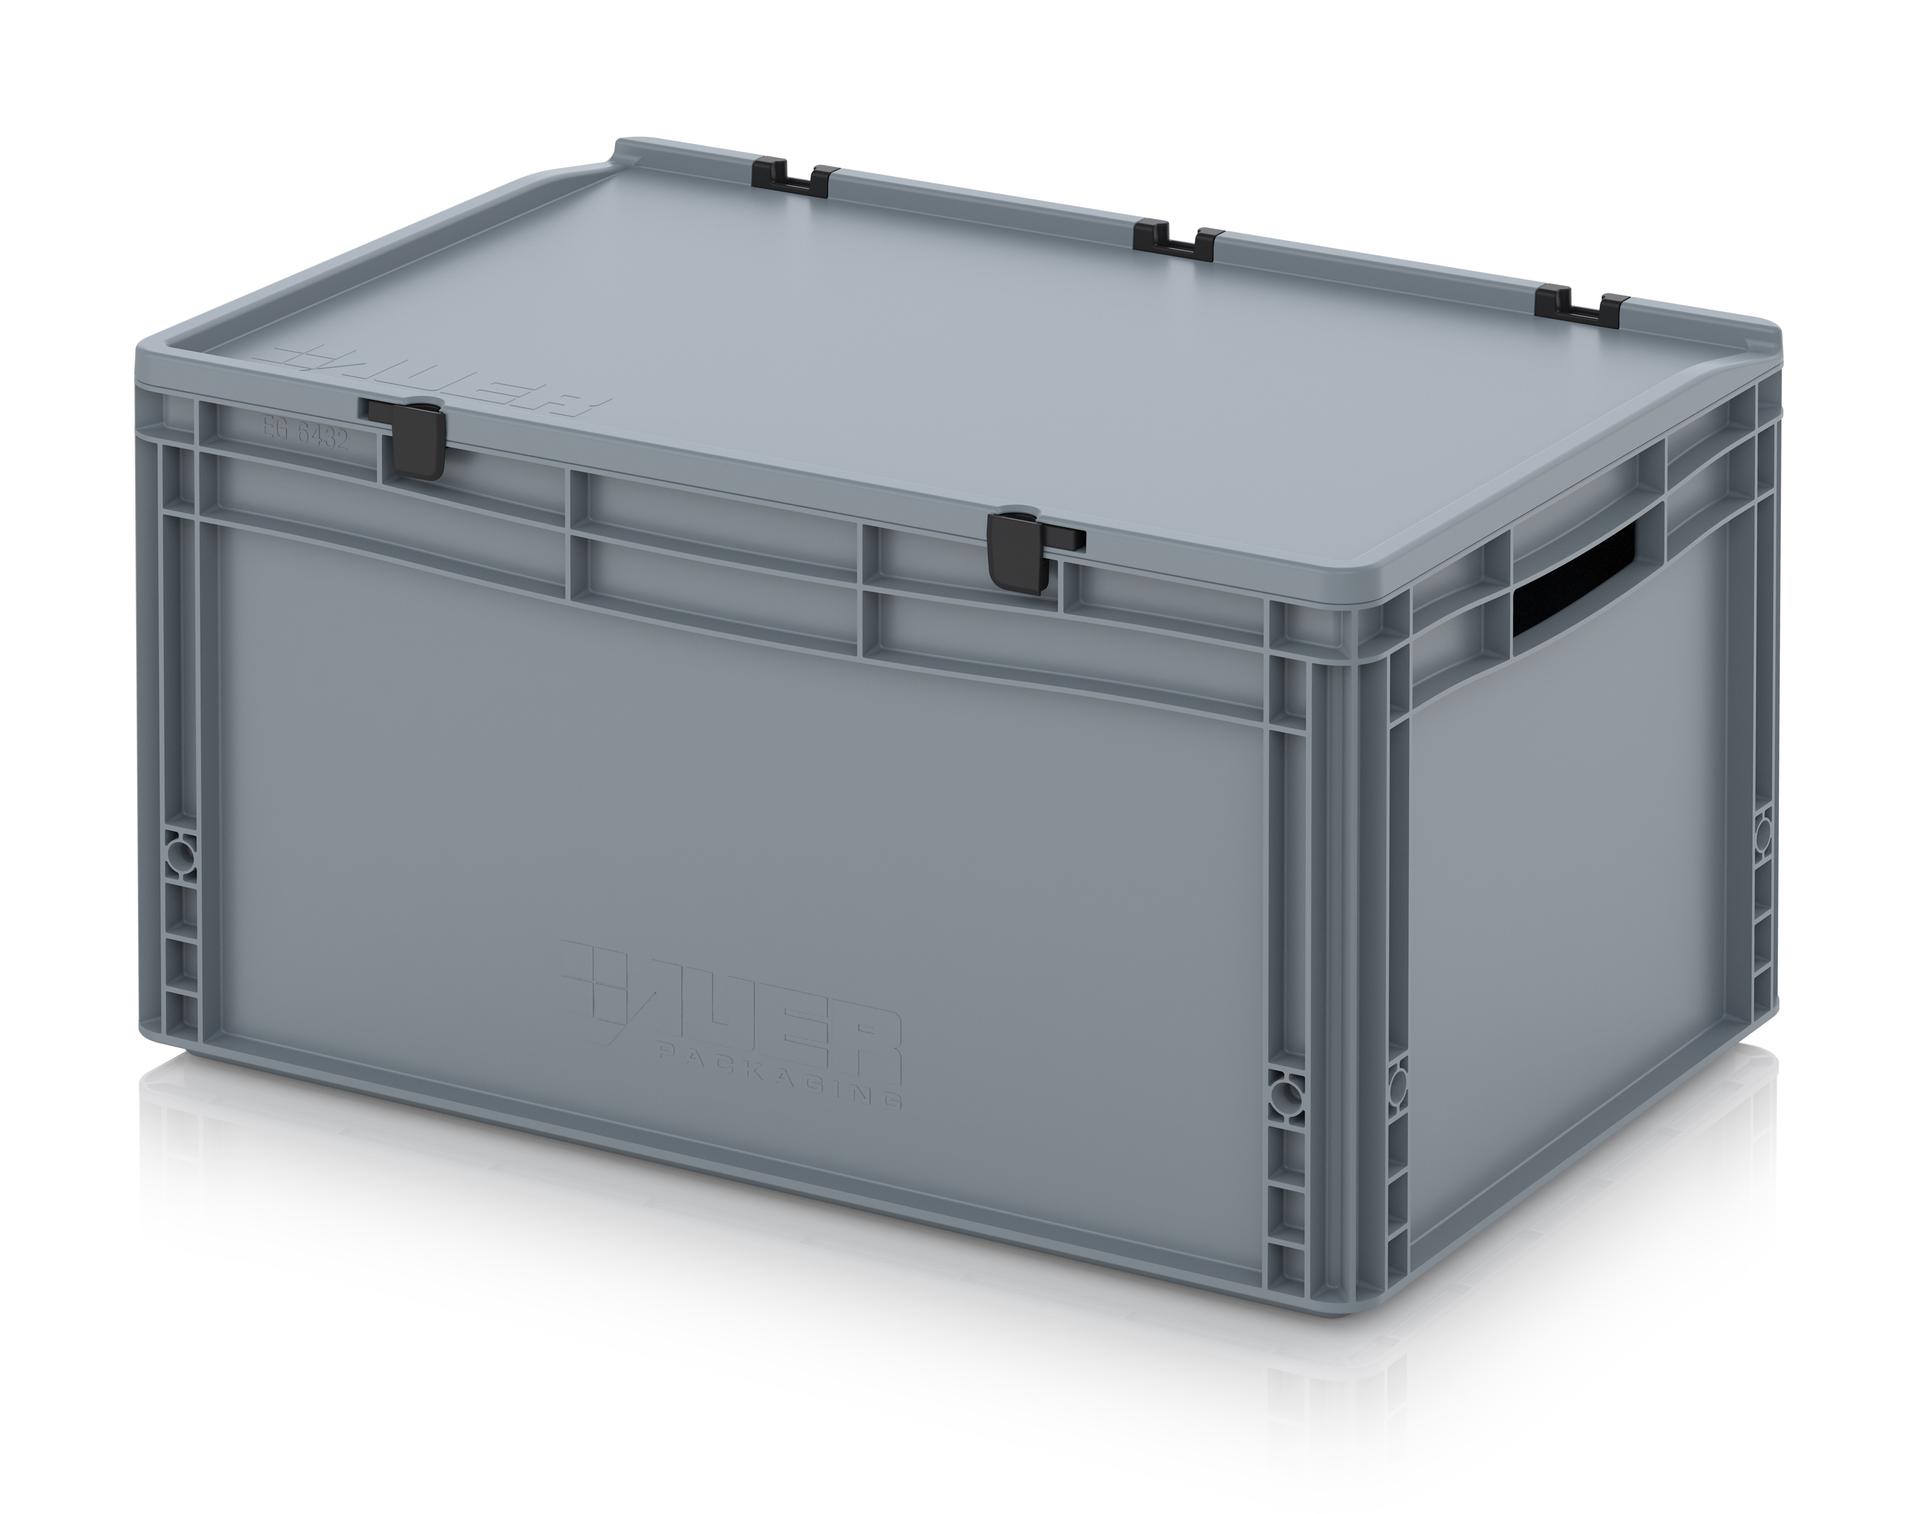 Contenitori in plastica con coperchio pompa depressione - Ikea scatole plastica trasparente ...